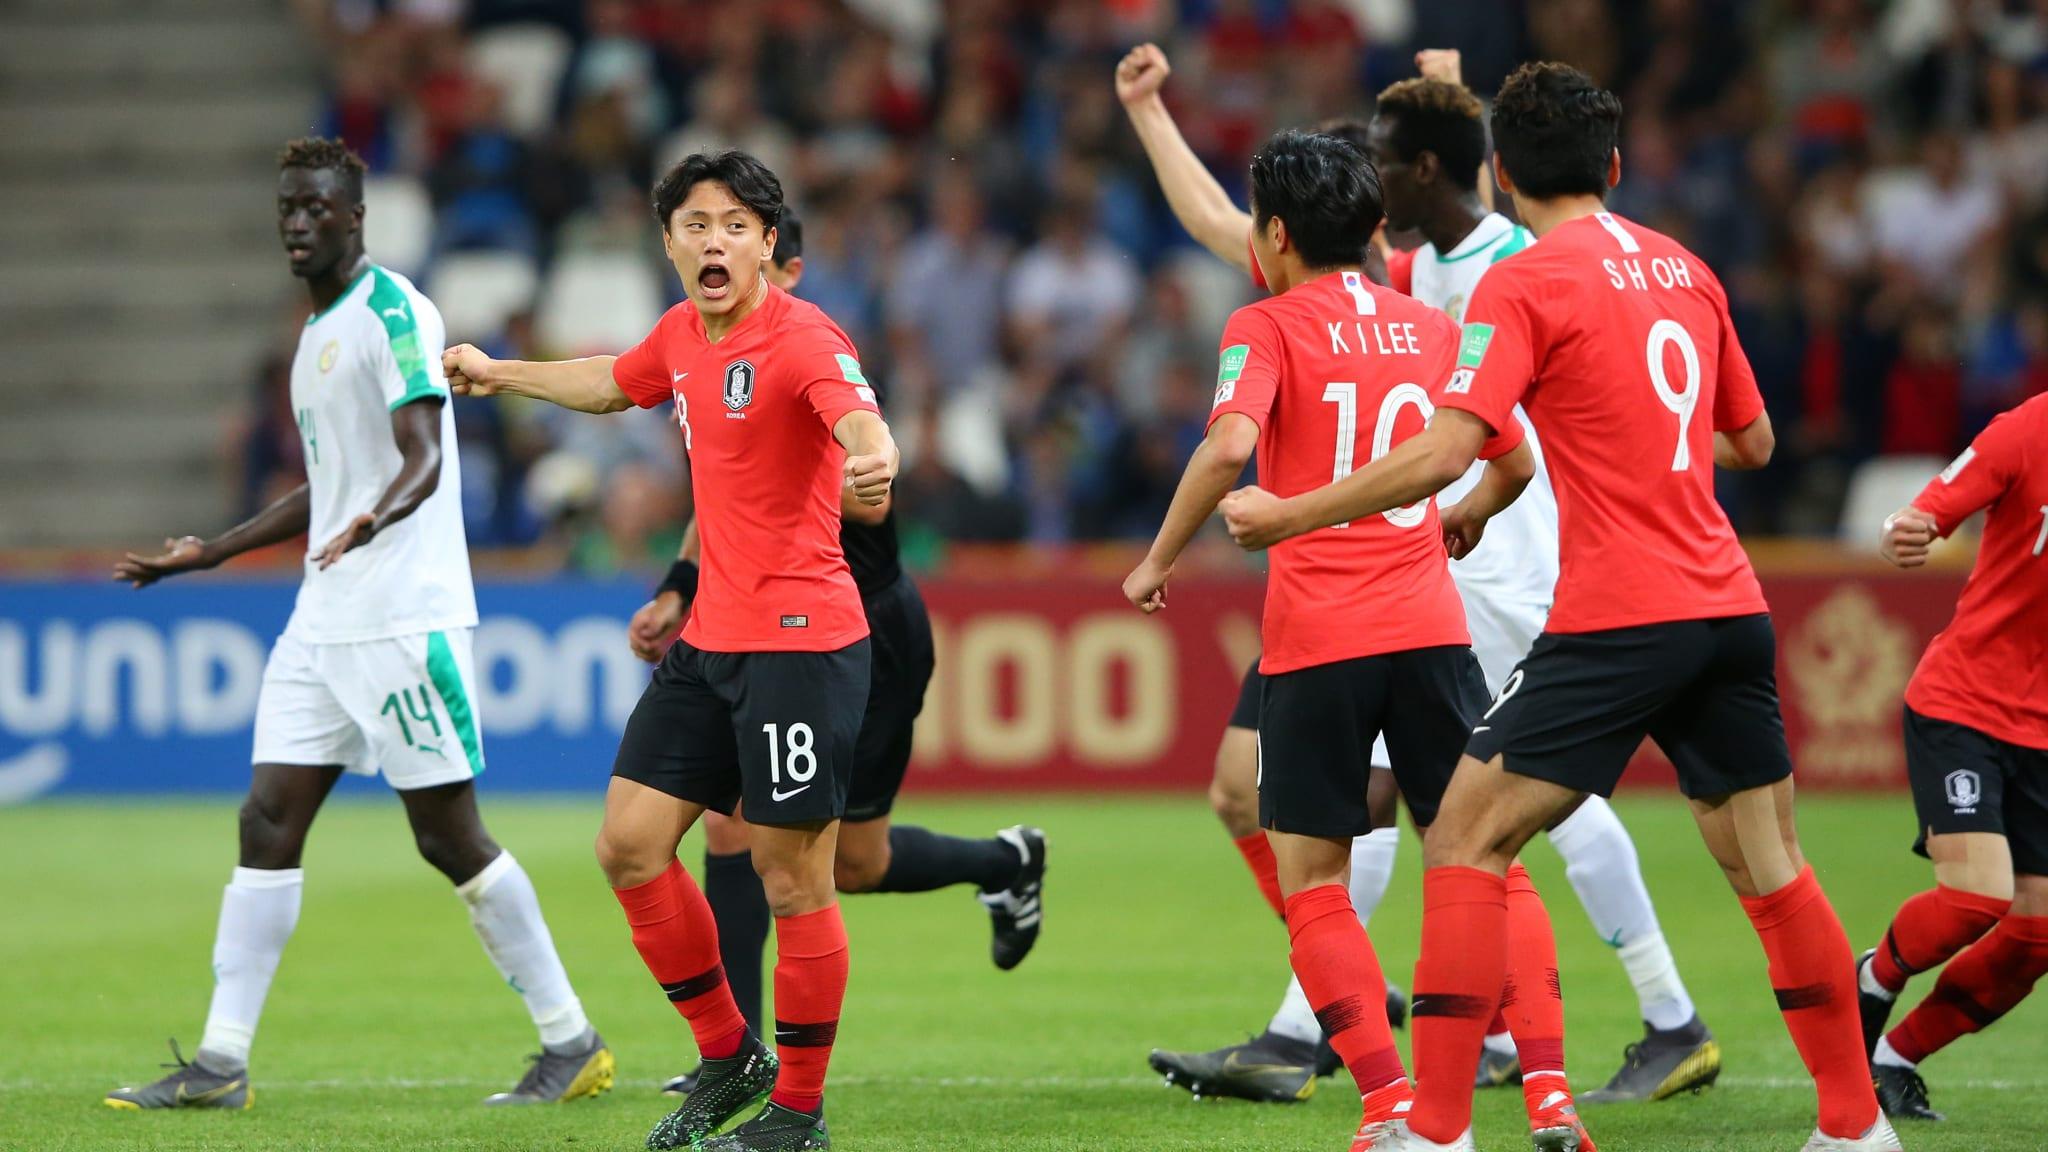 Corea del Sur y Ecuador se medirán en semifinales. Foto: FIFA